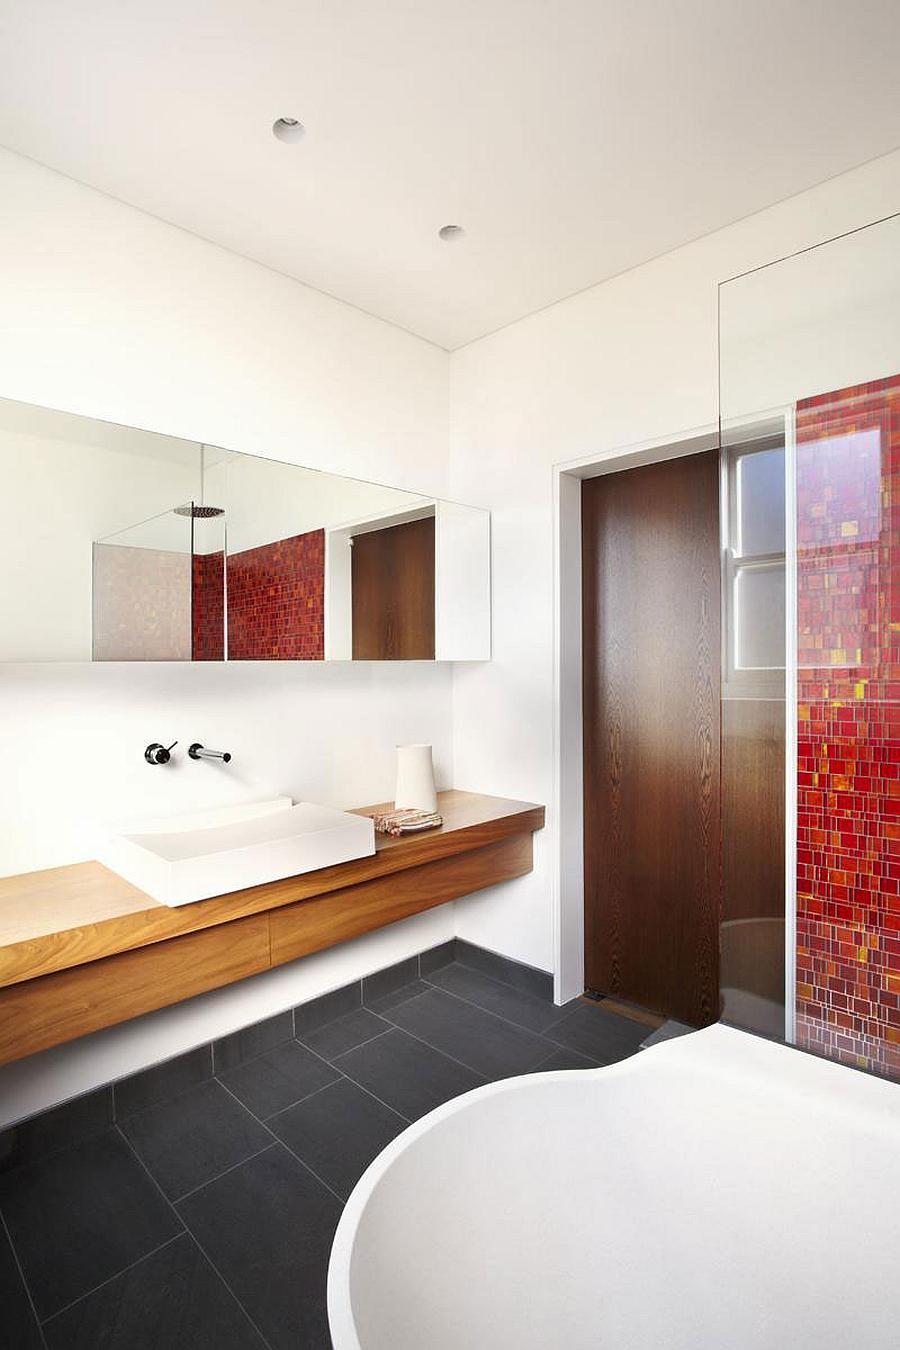 Floating bathroom vanity in wood